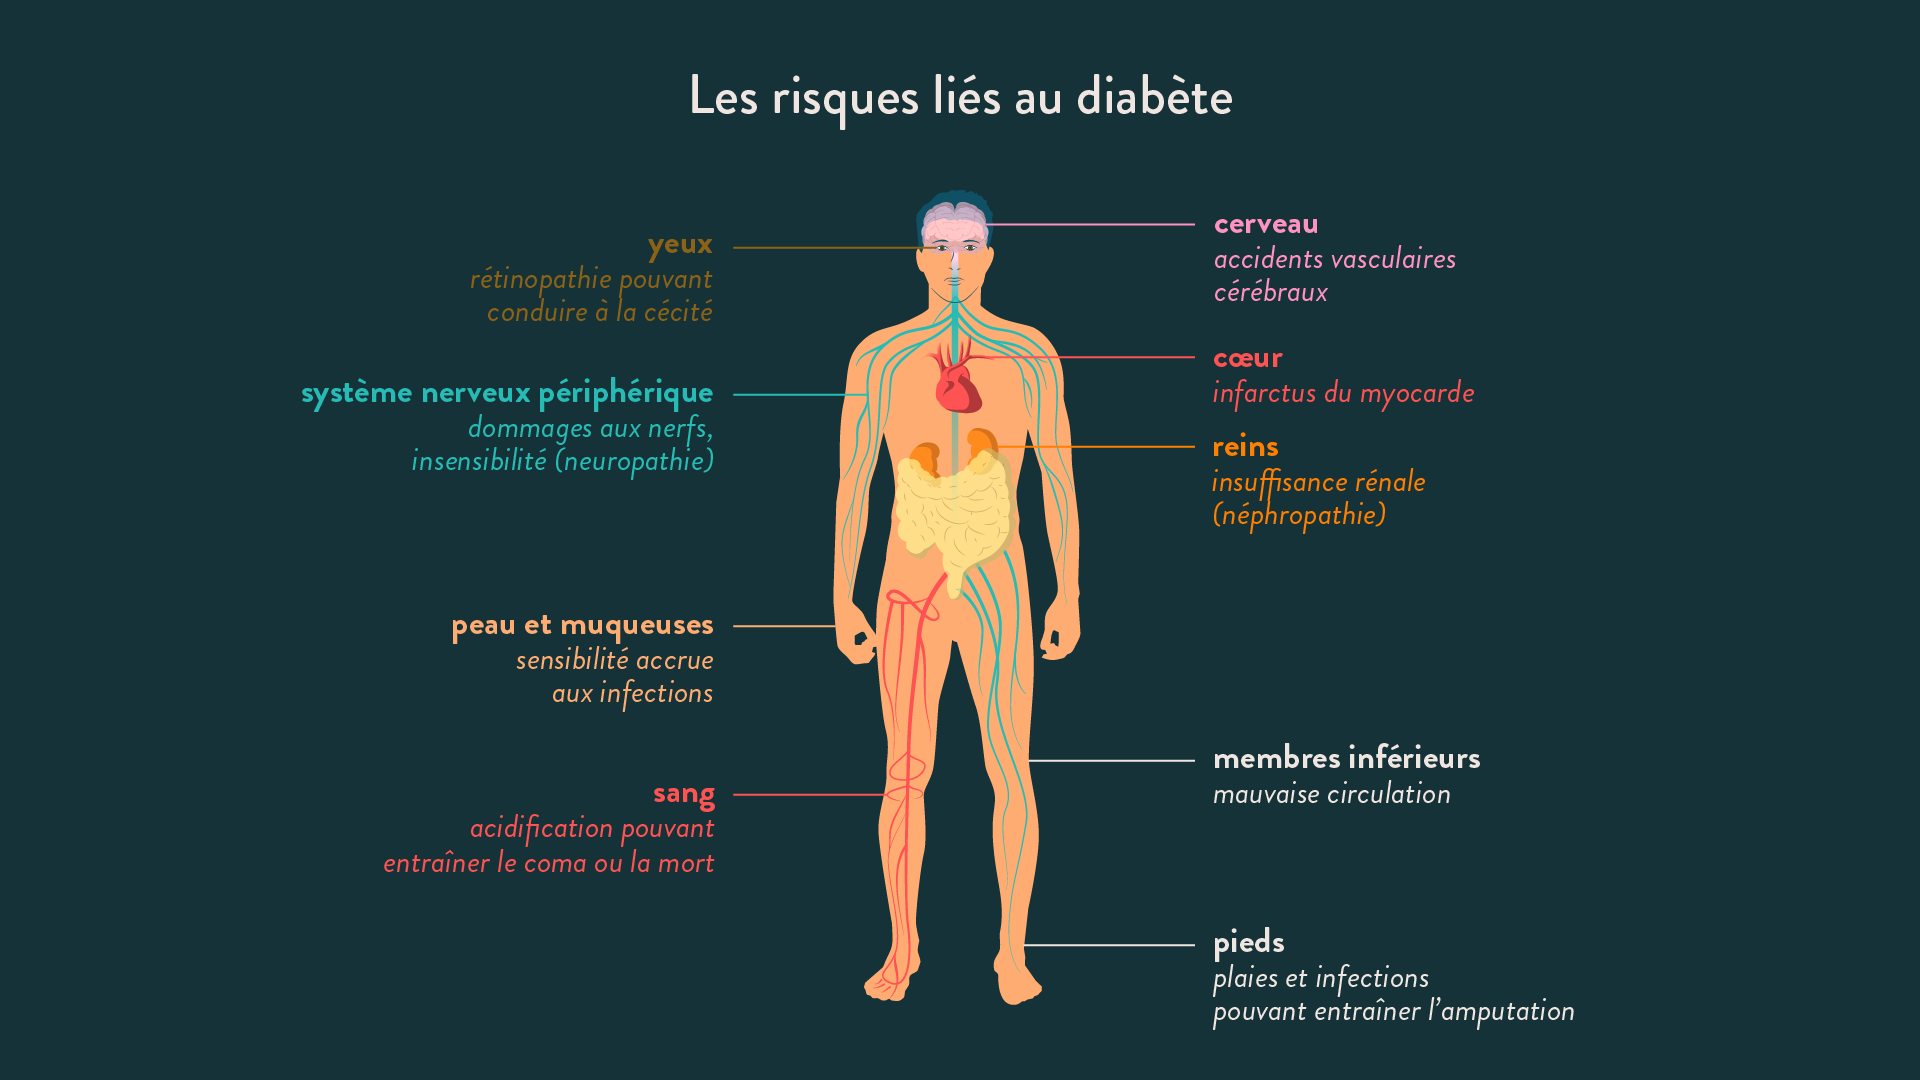 Les risques liés au diabète